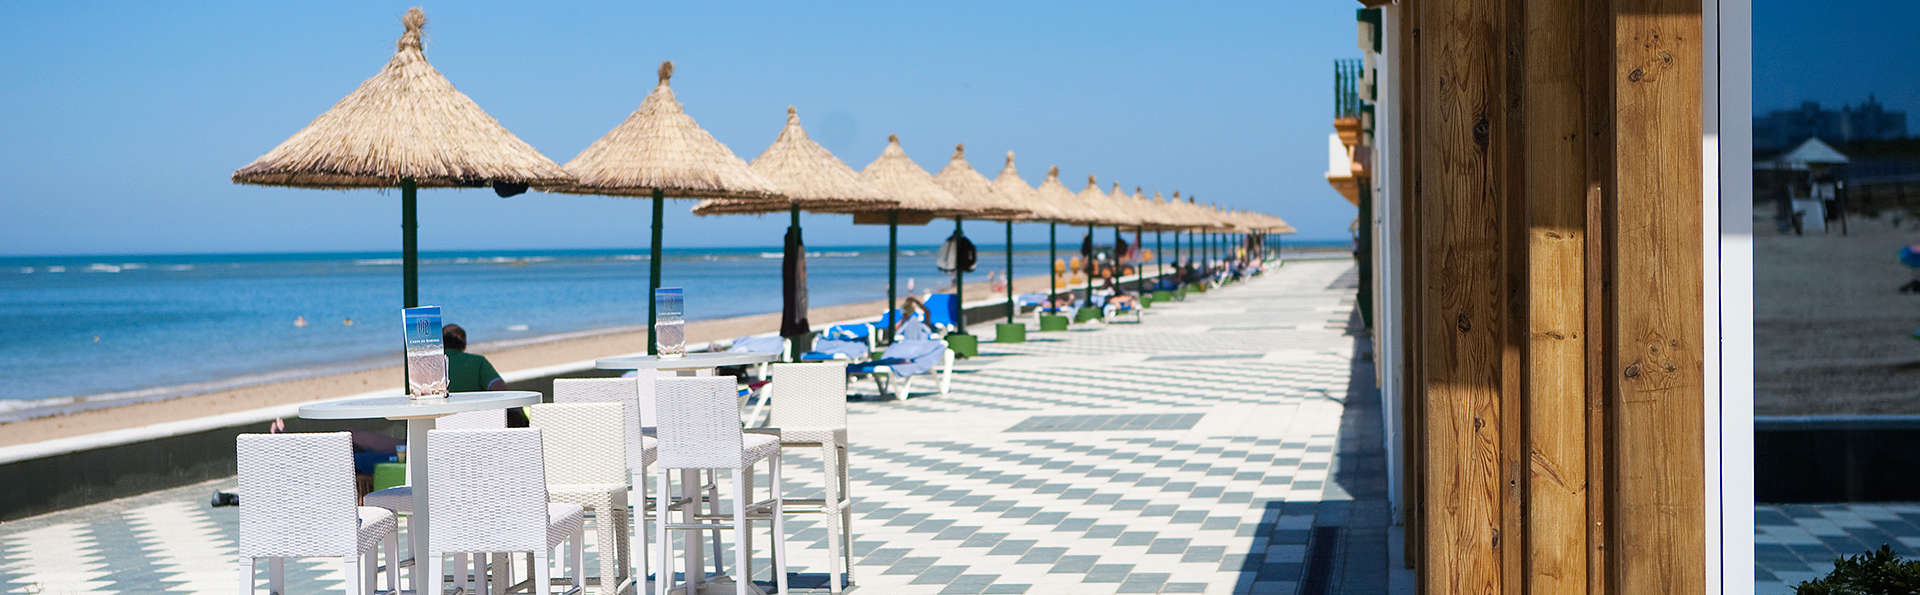 Hôtel avec accès direct à la plage à Rota